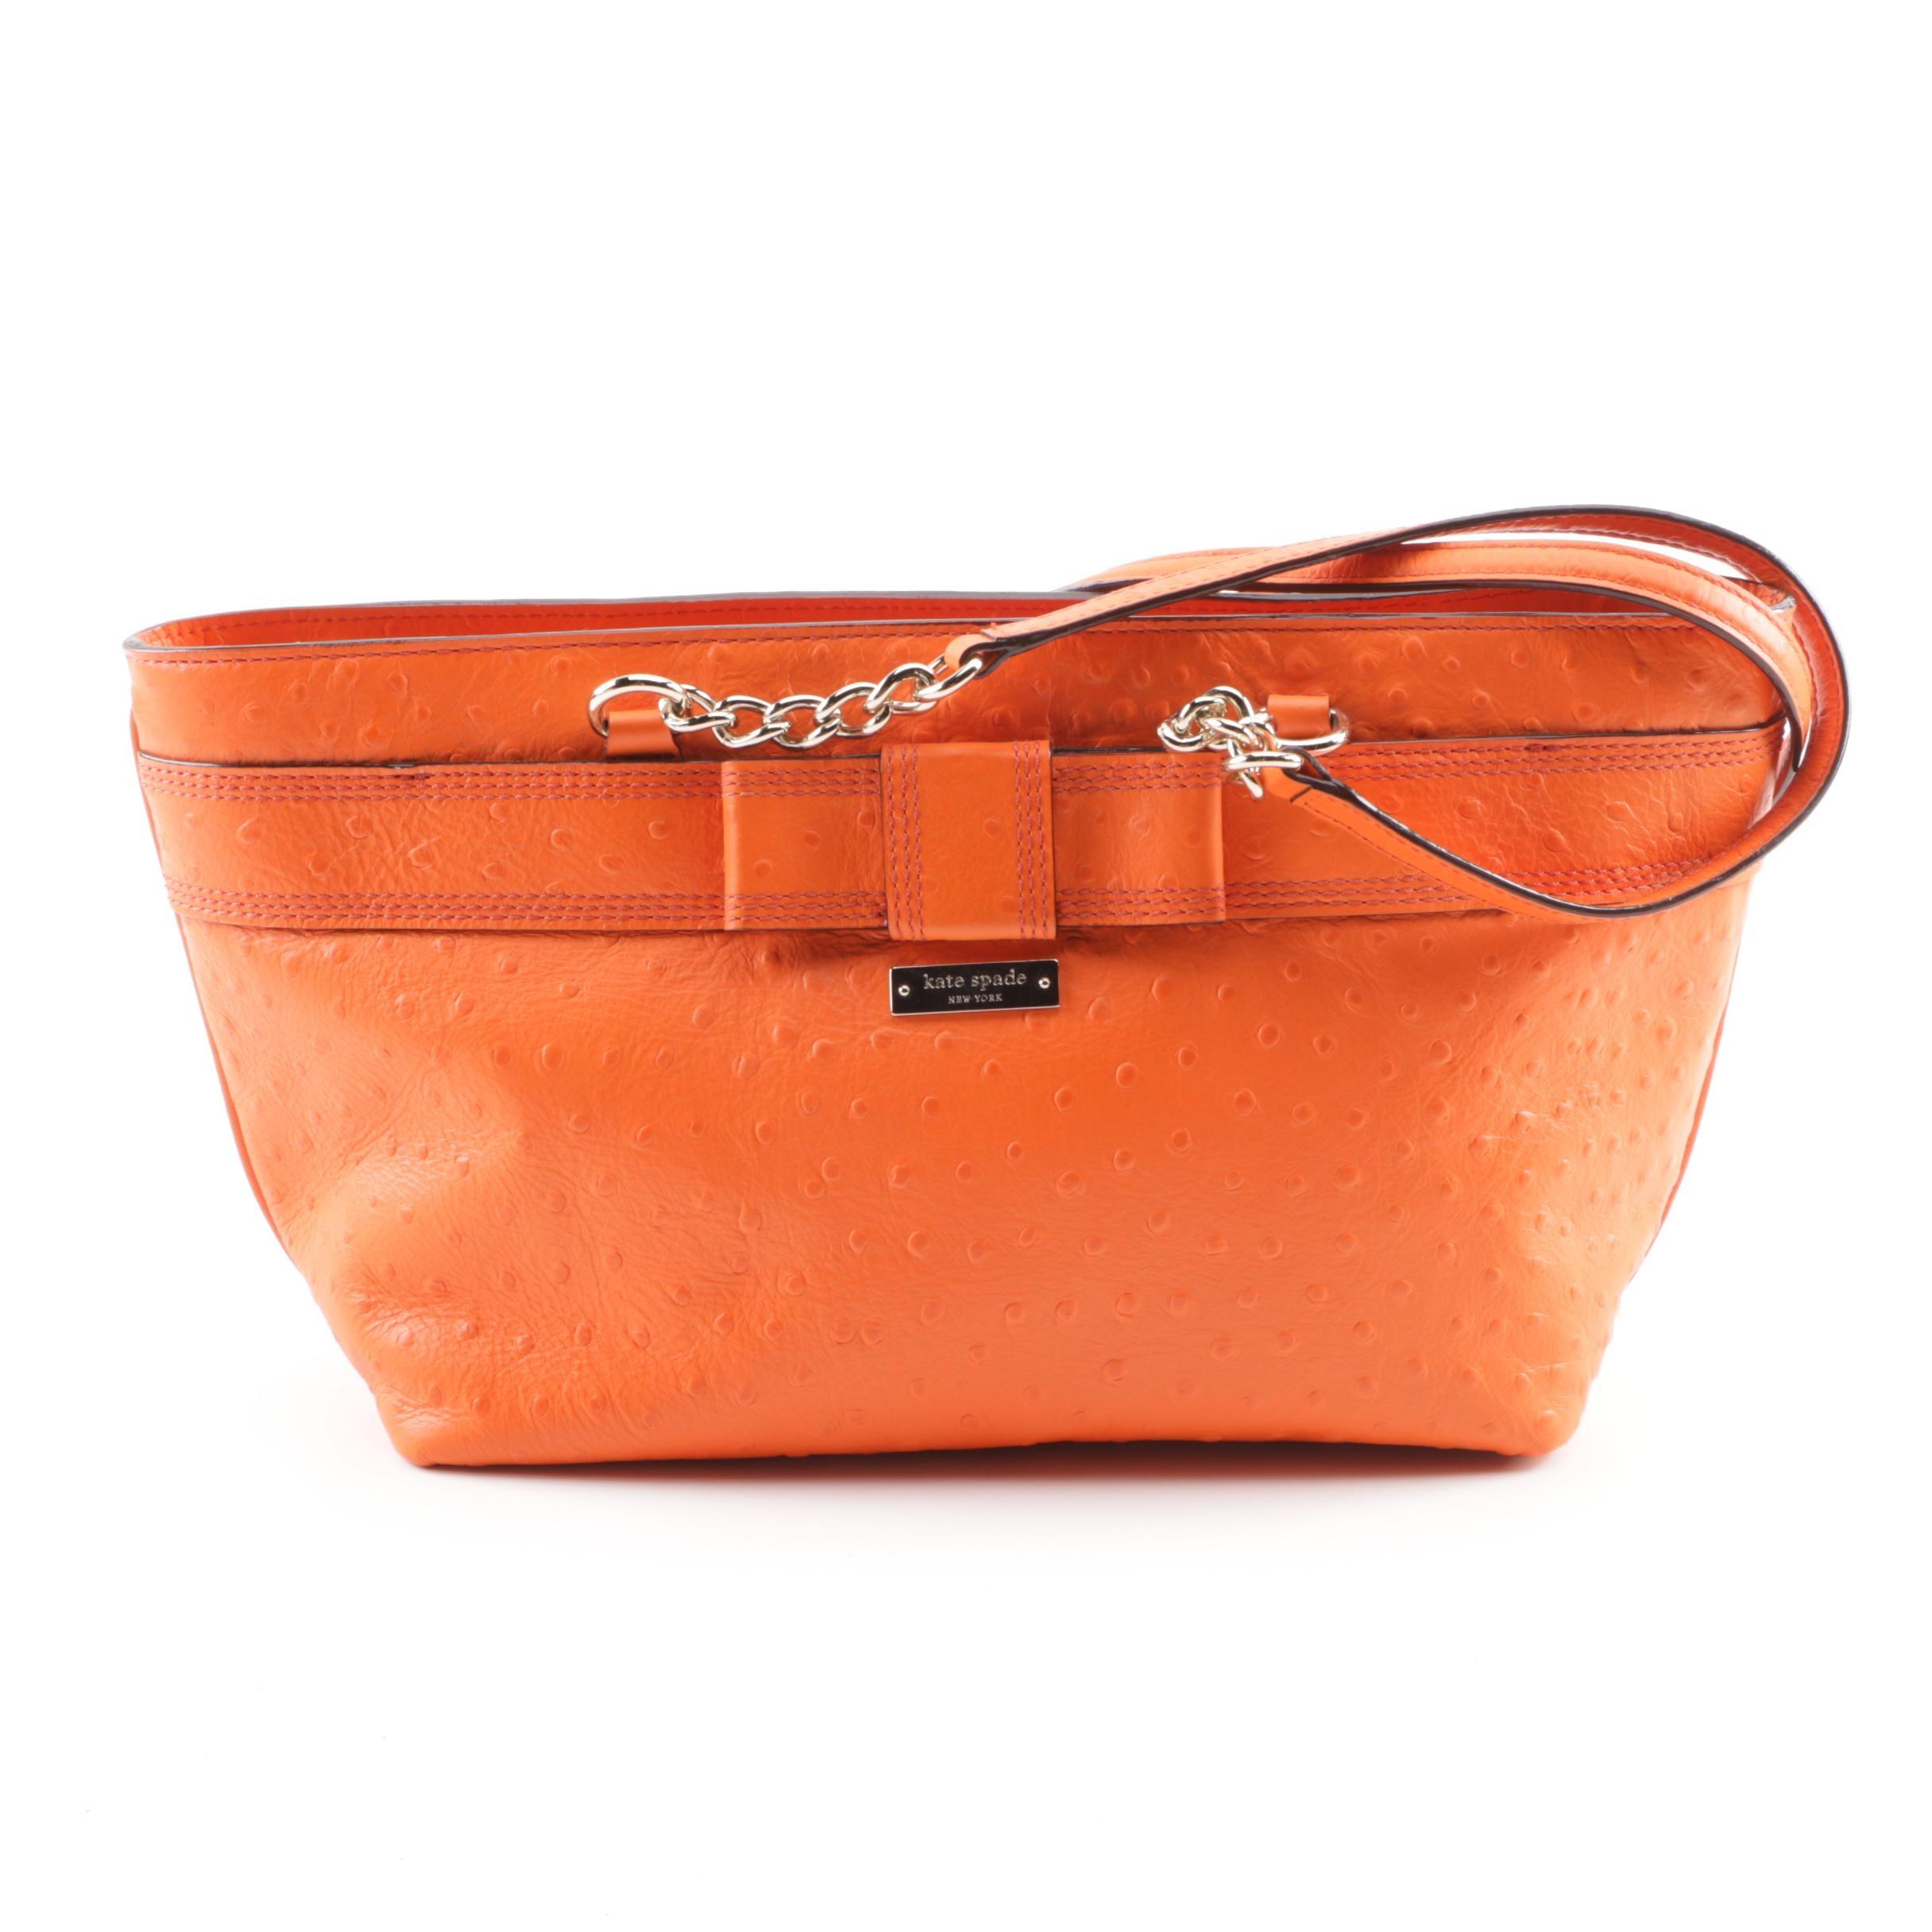 Kate Spade New York Brigid Orange Ostrich Embossed Leather Shoulder Bag